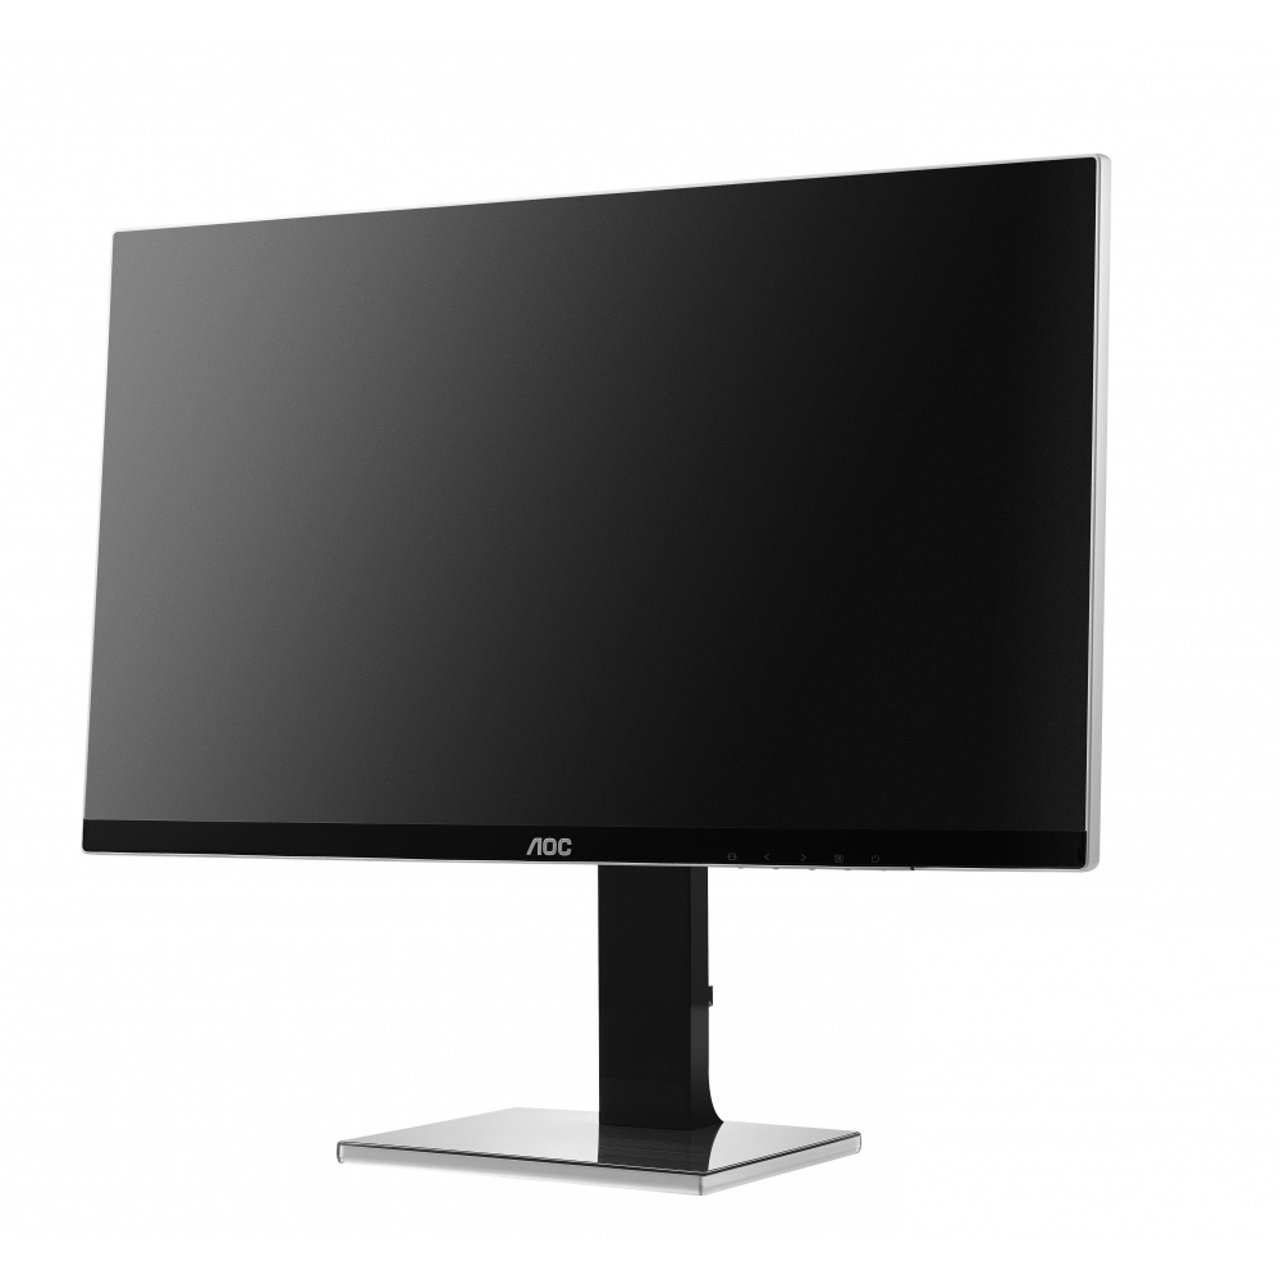 AOC annuncia due nuovi display della serie 77 4K UHD